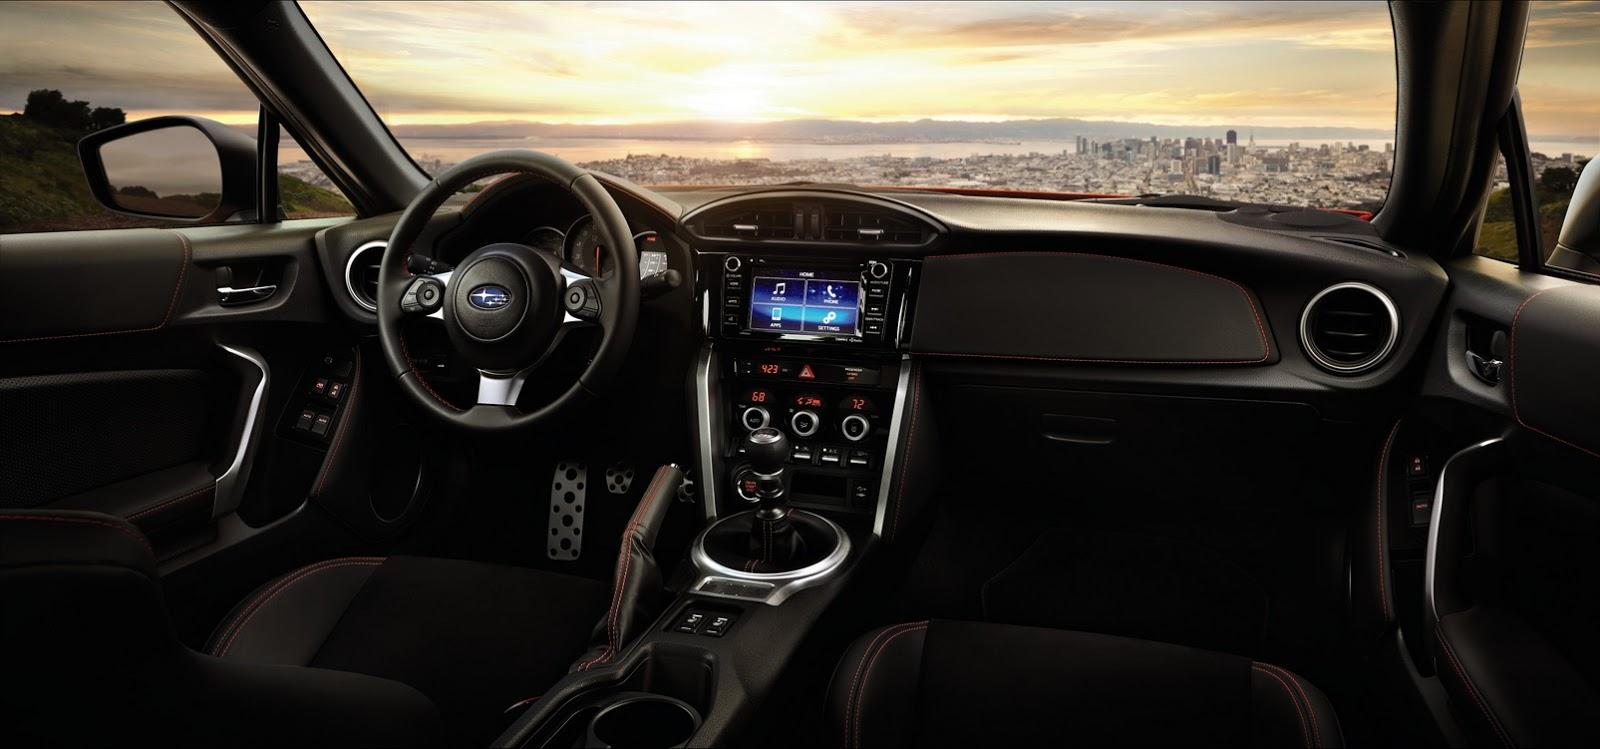 Subaru BRZ 2017: Cinco caballos más, mayor equipamiento y estética renovada 2